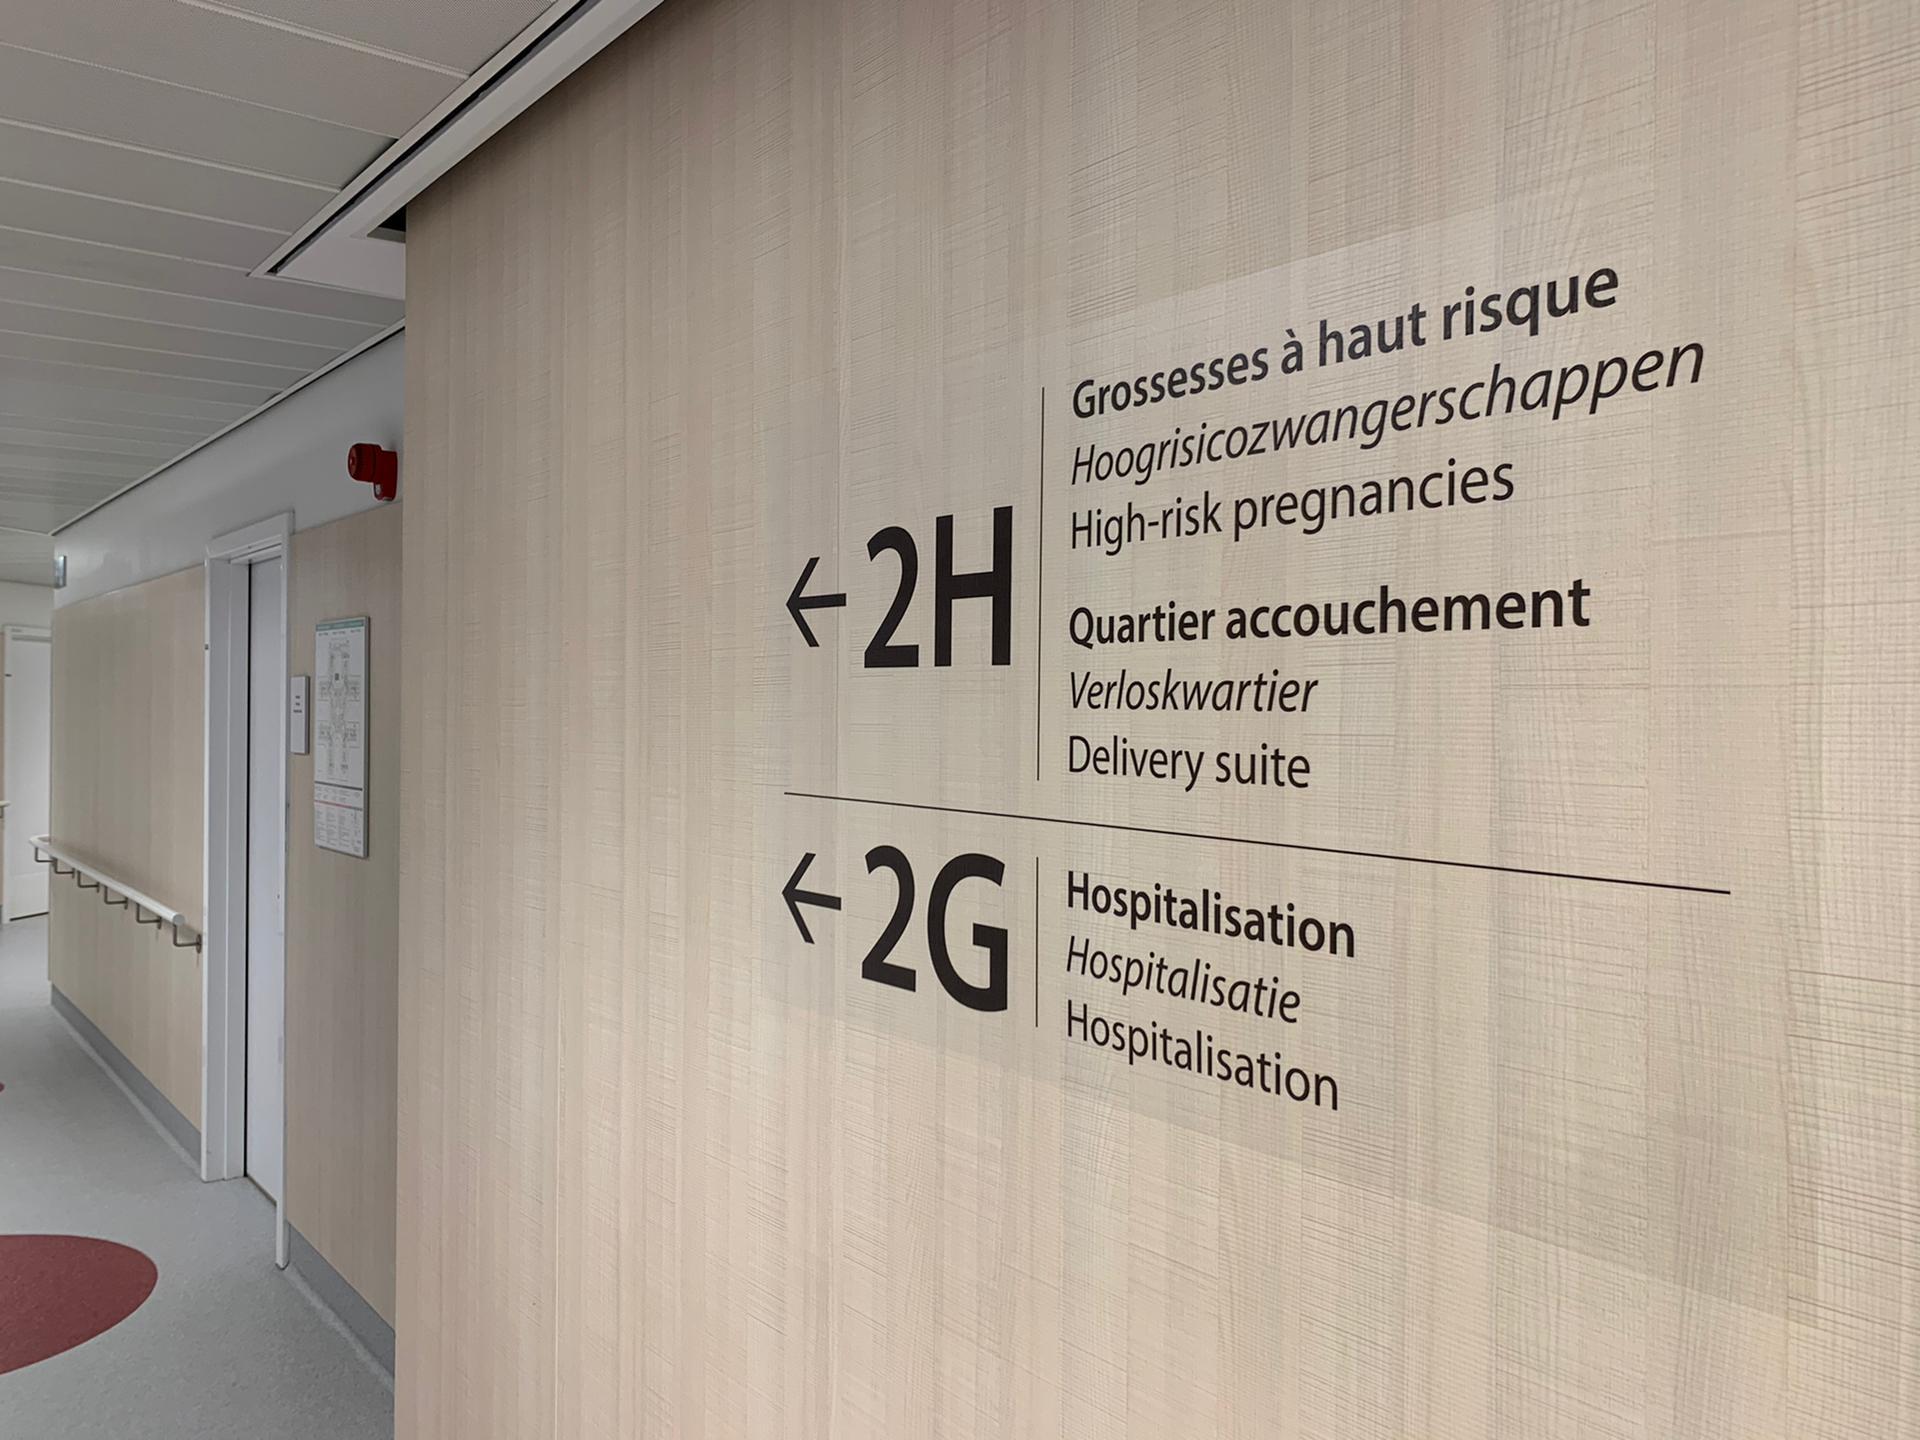 Muursticker letters op doorzichtige vinyl, signalisatie in ziekenhuis Chirac Delta, wayfinding uitgewerkt en uitgevoerd door Actual Sign, member of the Remotec Group